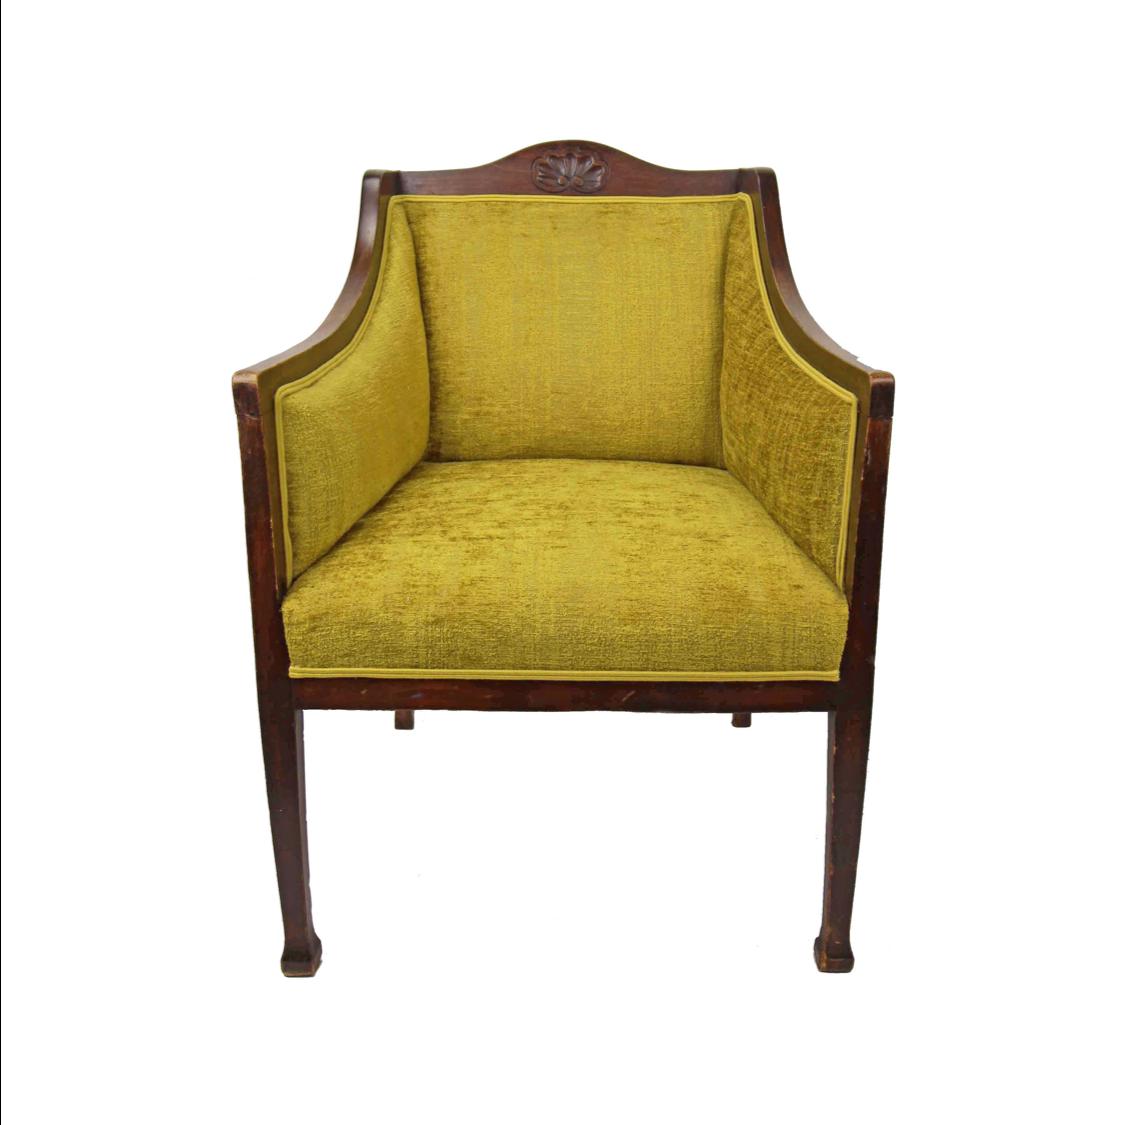 Comfortabele Luxe Fauteuil.Fauteuil De Mashad Is Een Stijlvolle Comfortabele Antieke Stoel Die